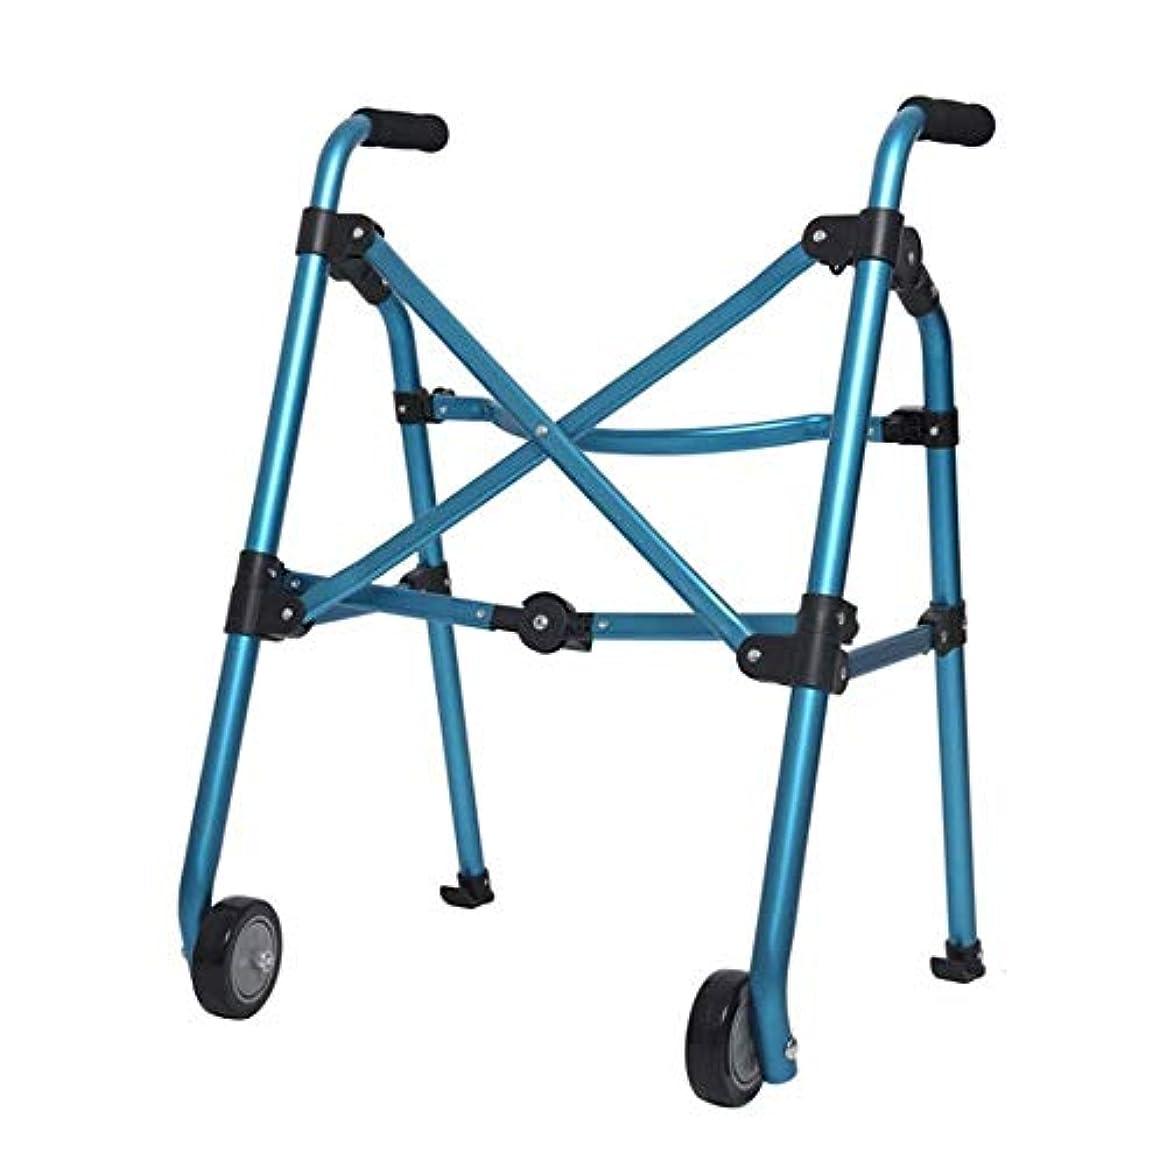 二輪歩行フレーム、折りたたみ式古い歩行者高齢者屋外バスルーム使用 (Color : 青)